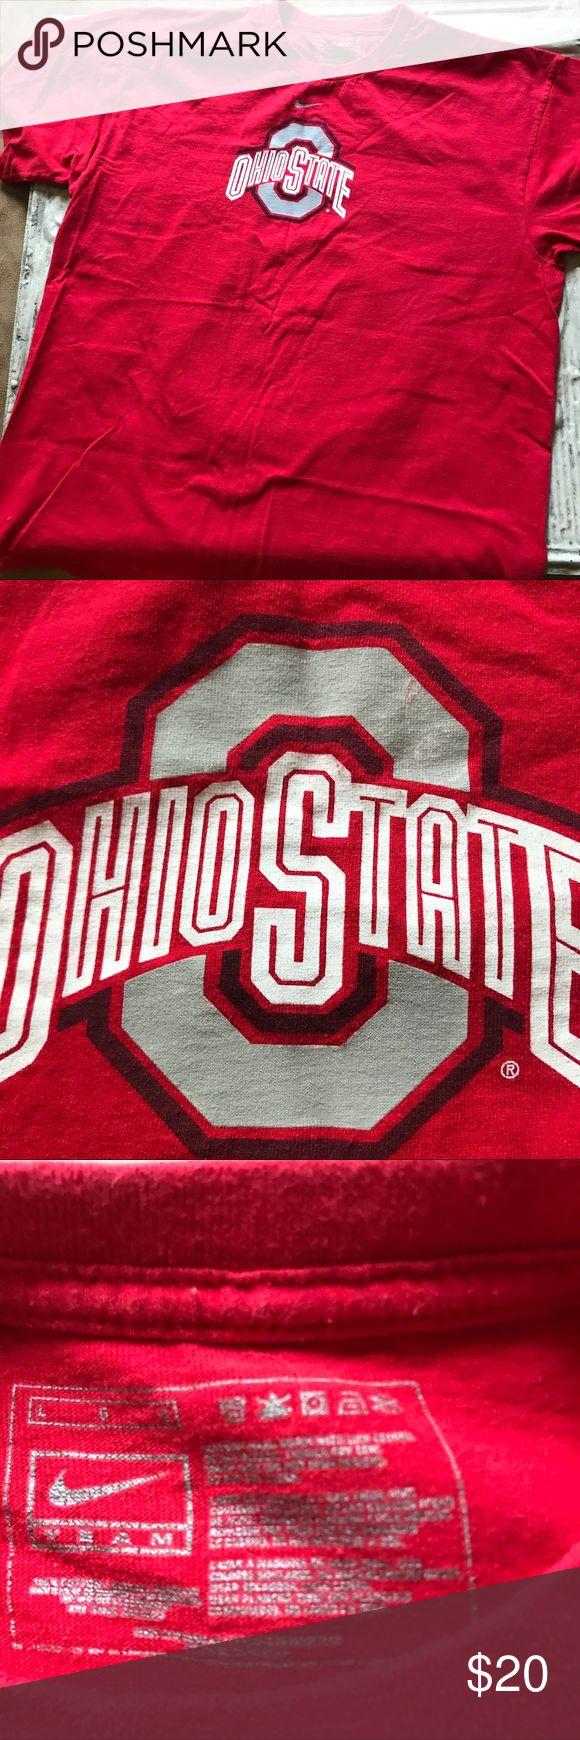 Nike Ohio State T-shirt size large Nike Ohio State T-shirt, size large. T-shirt is in good condition. Thanks for visiting my closet! Nike Shirts Tees - Short Sleeve